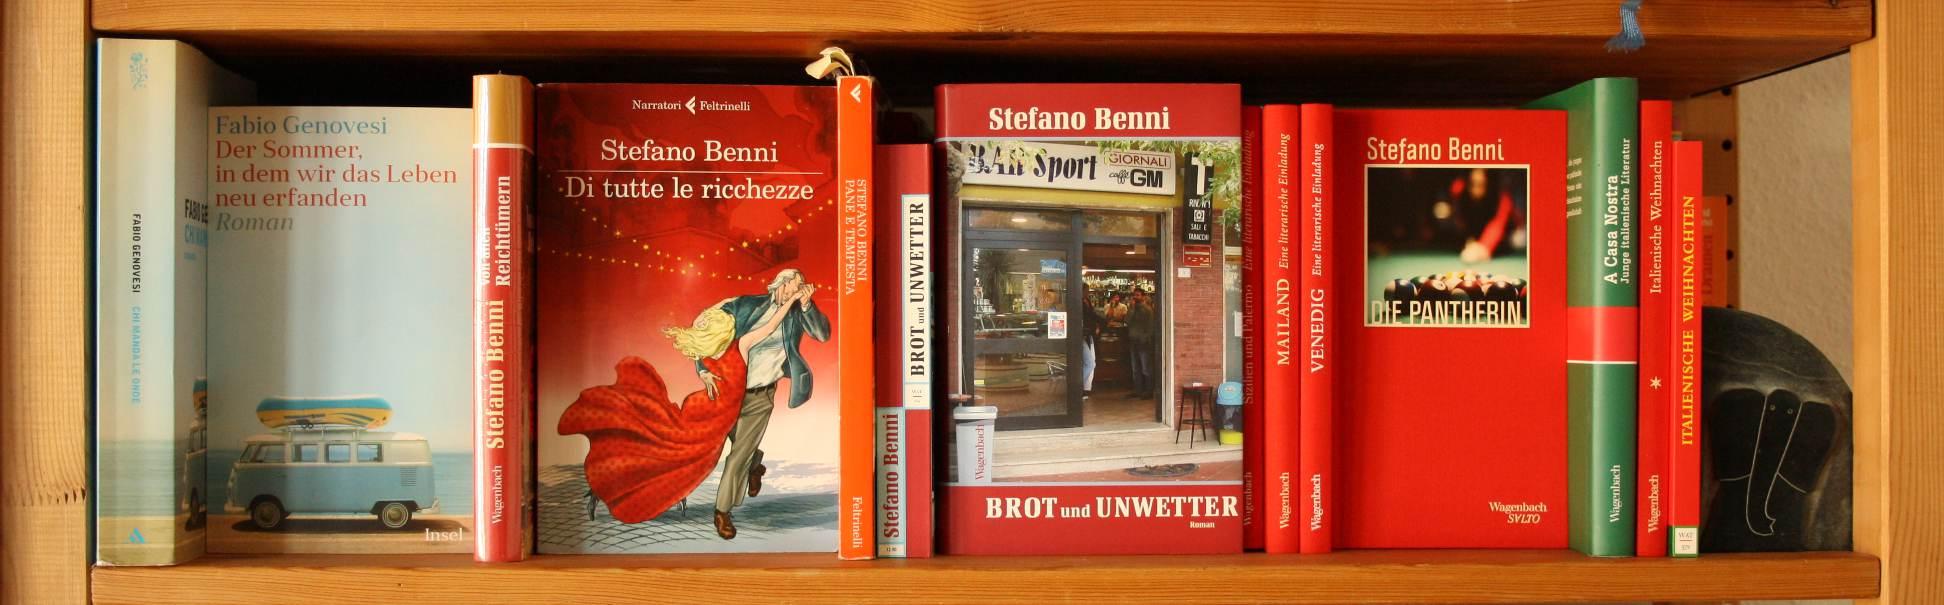 Regal mit Bücher von Stefano Benni, Fabio Genovesi und anderen